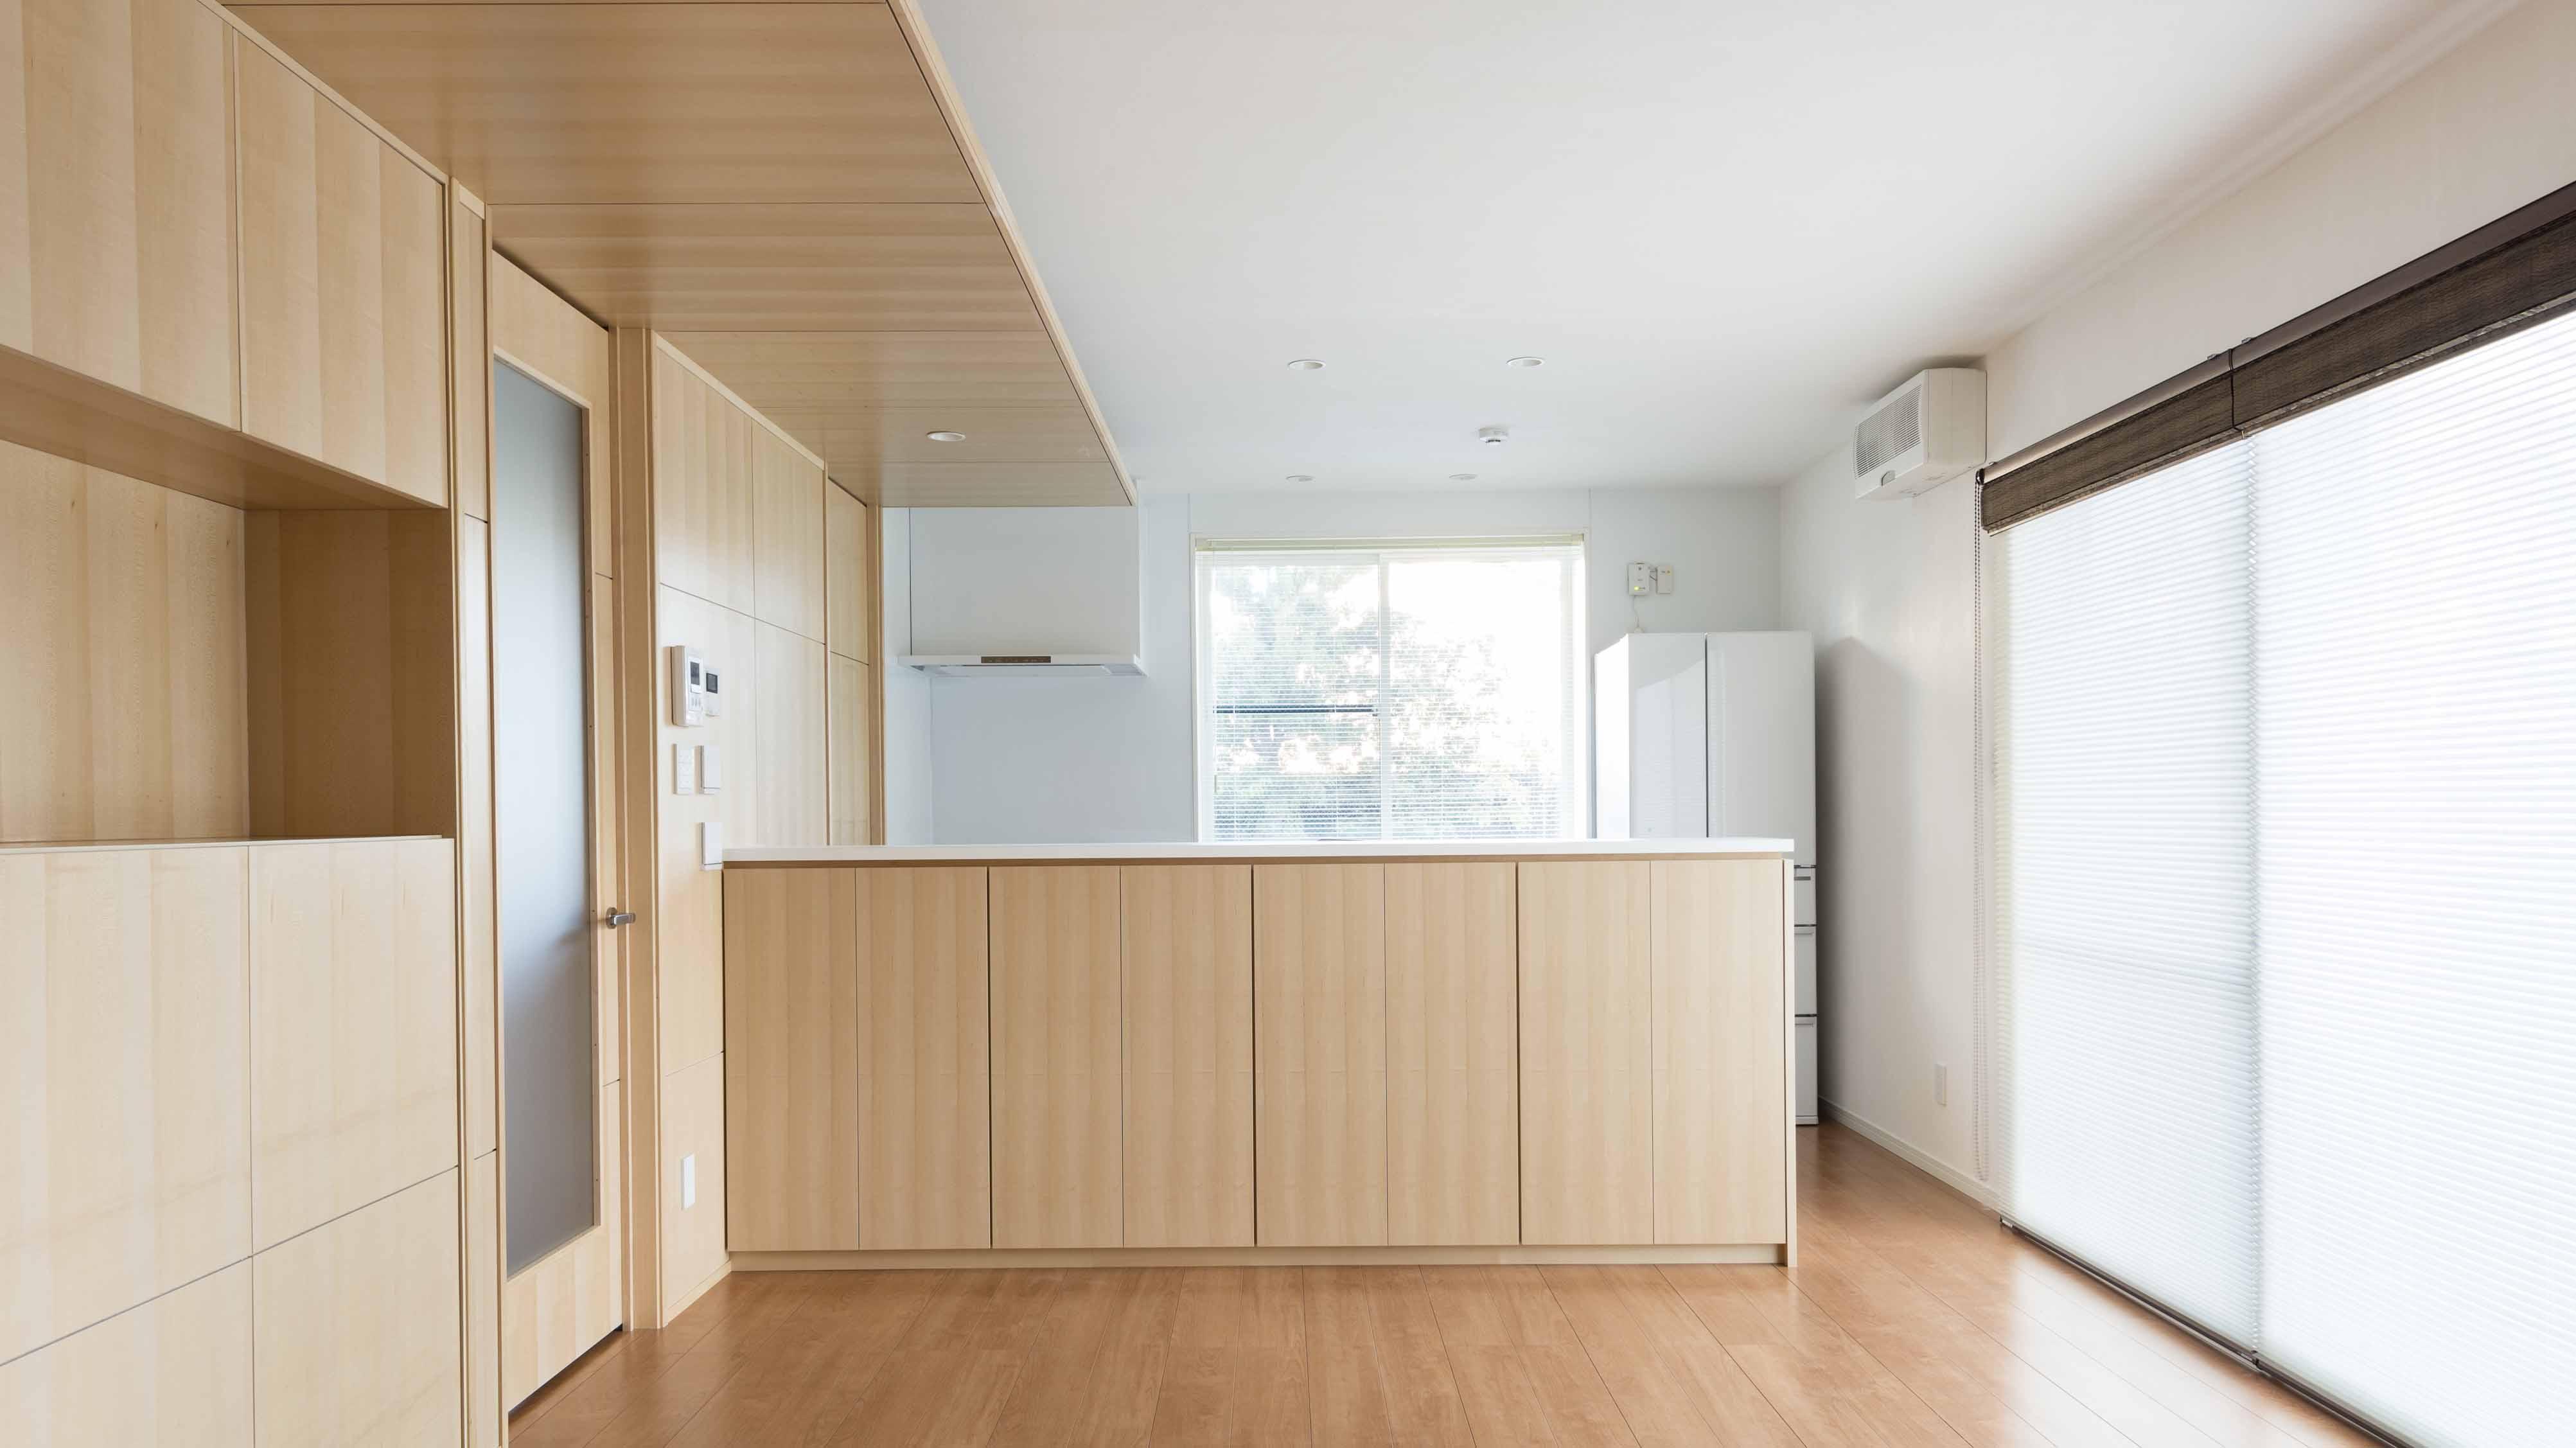 対面キッチンの種類とメリット・デメリット   on2 architects